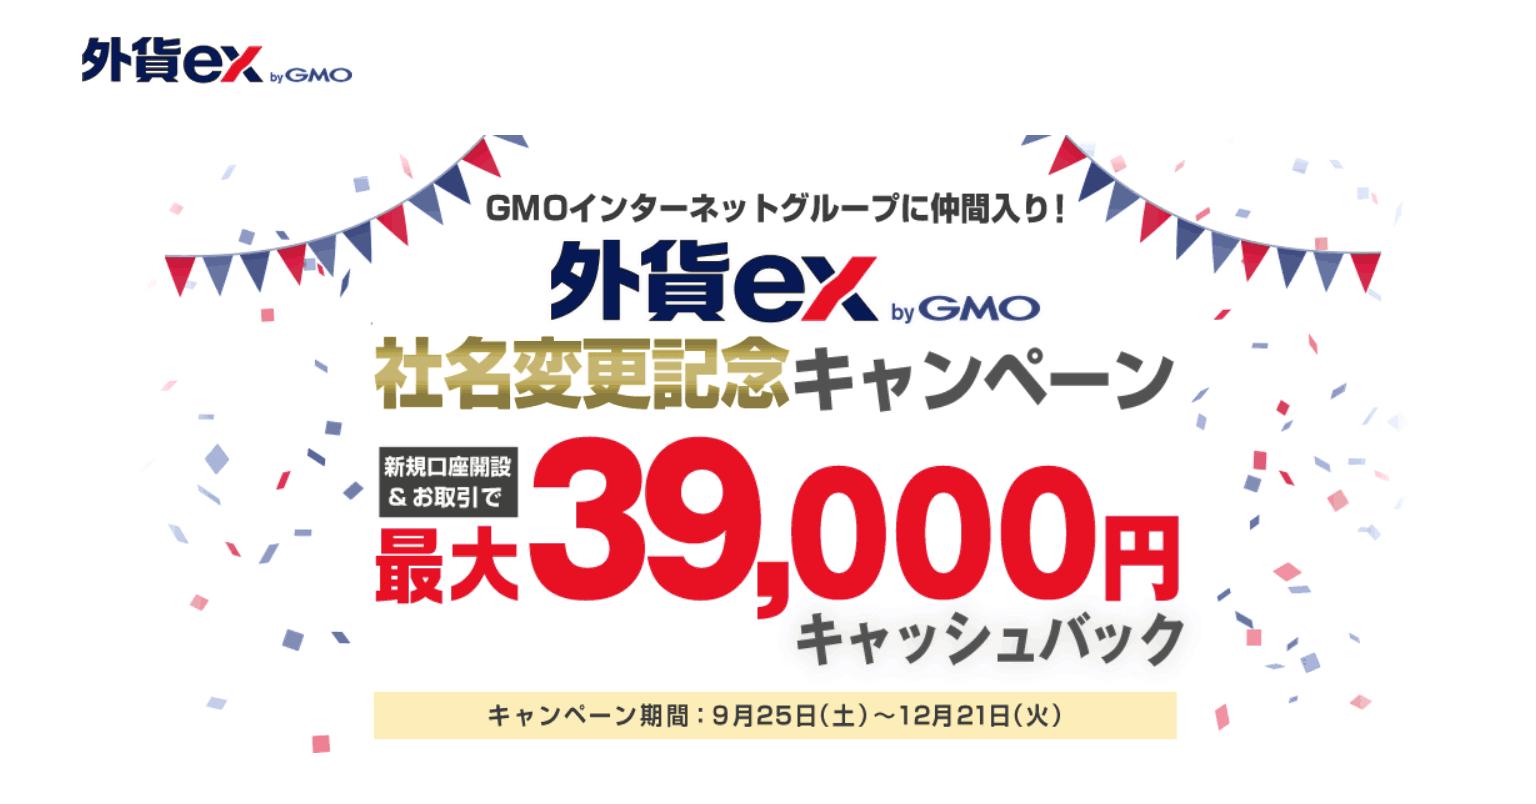 YJFX!最大39000円新規口座開設キャンペーンの真実!